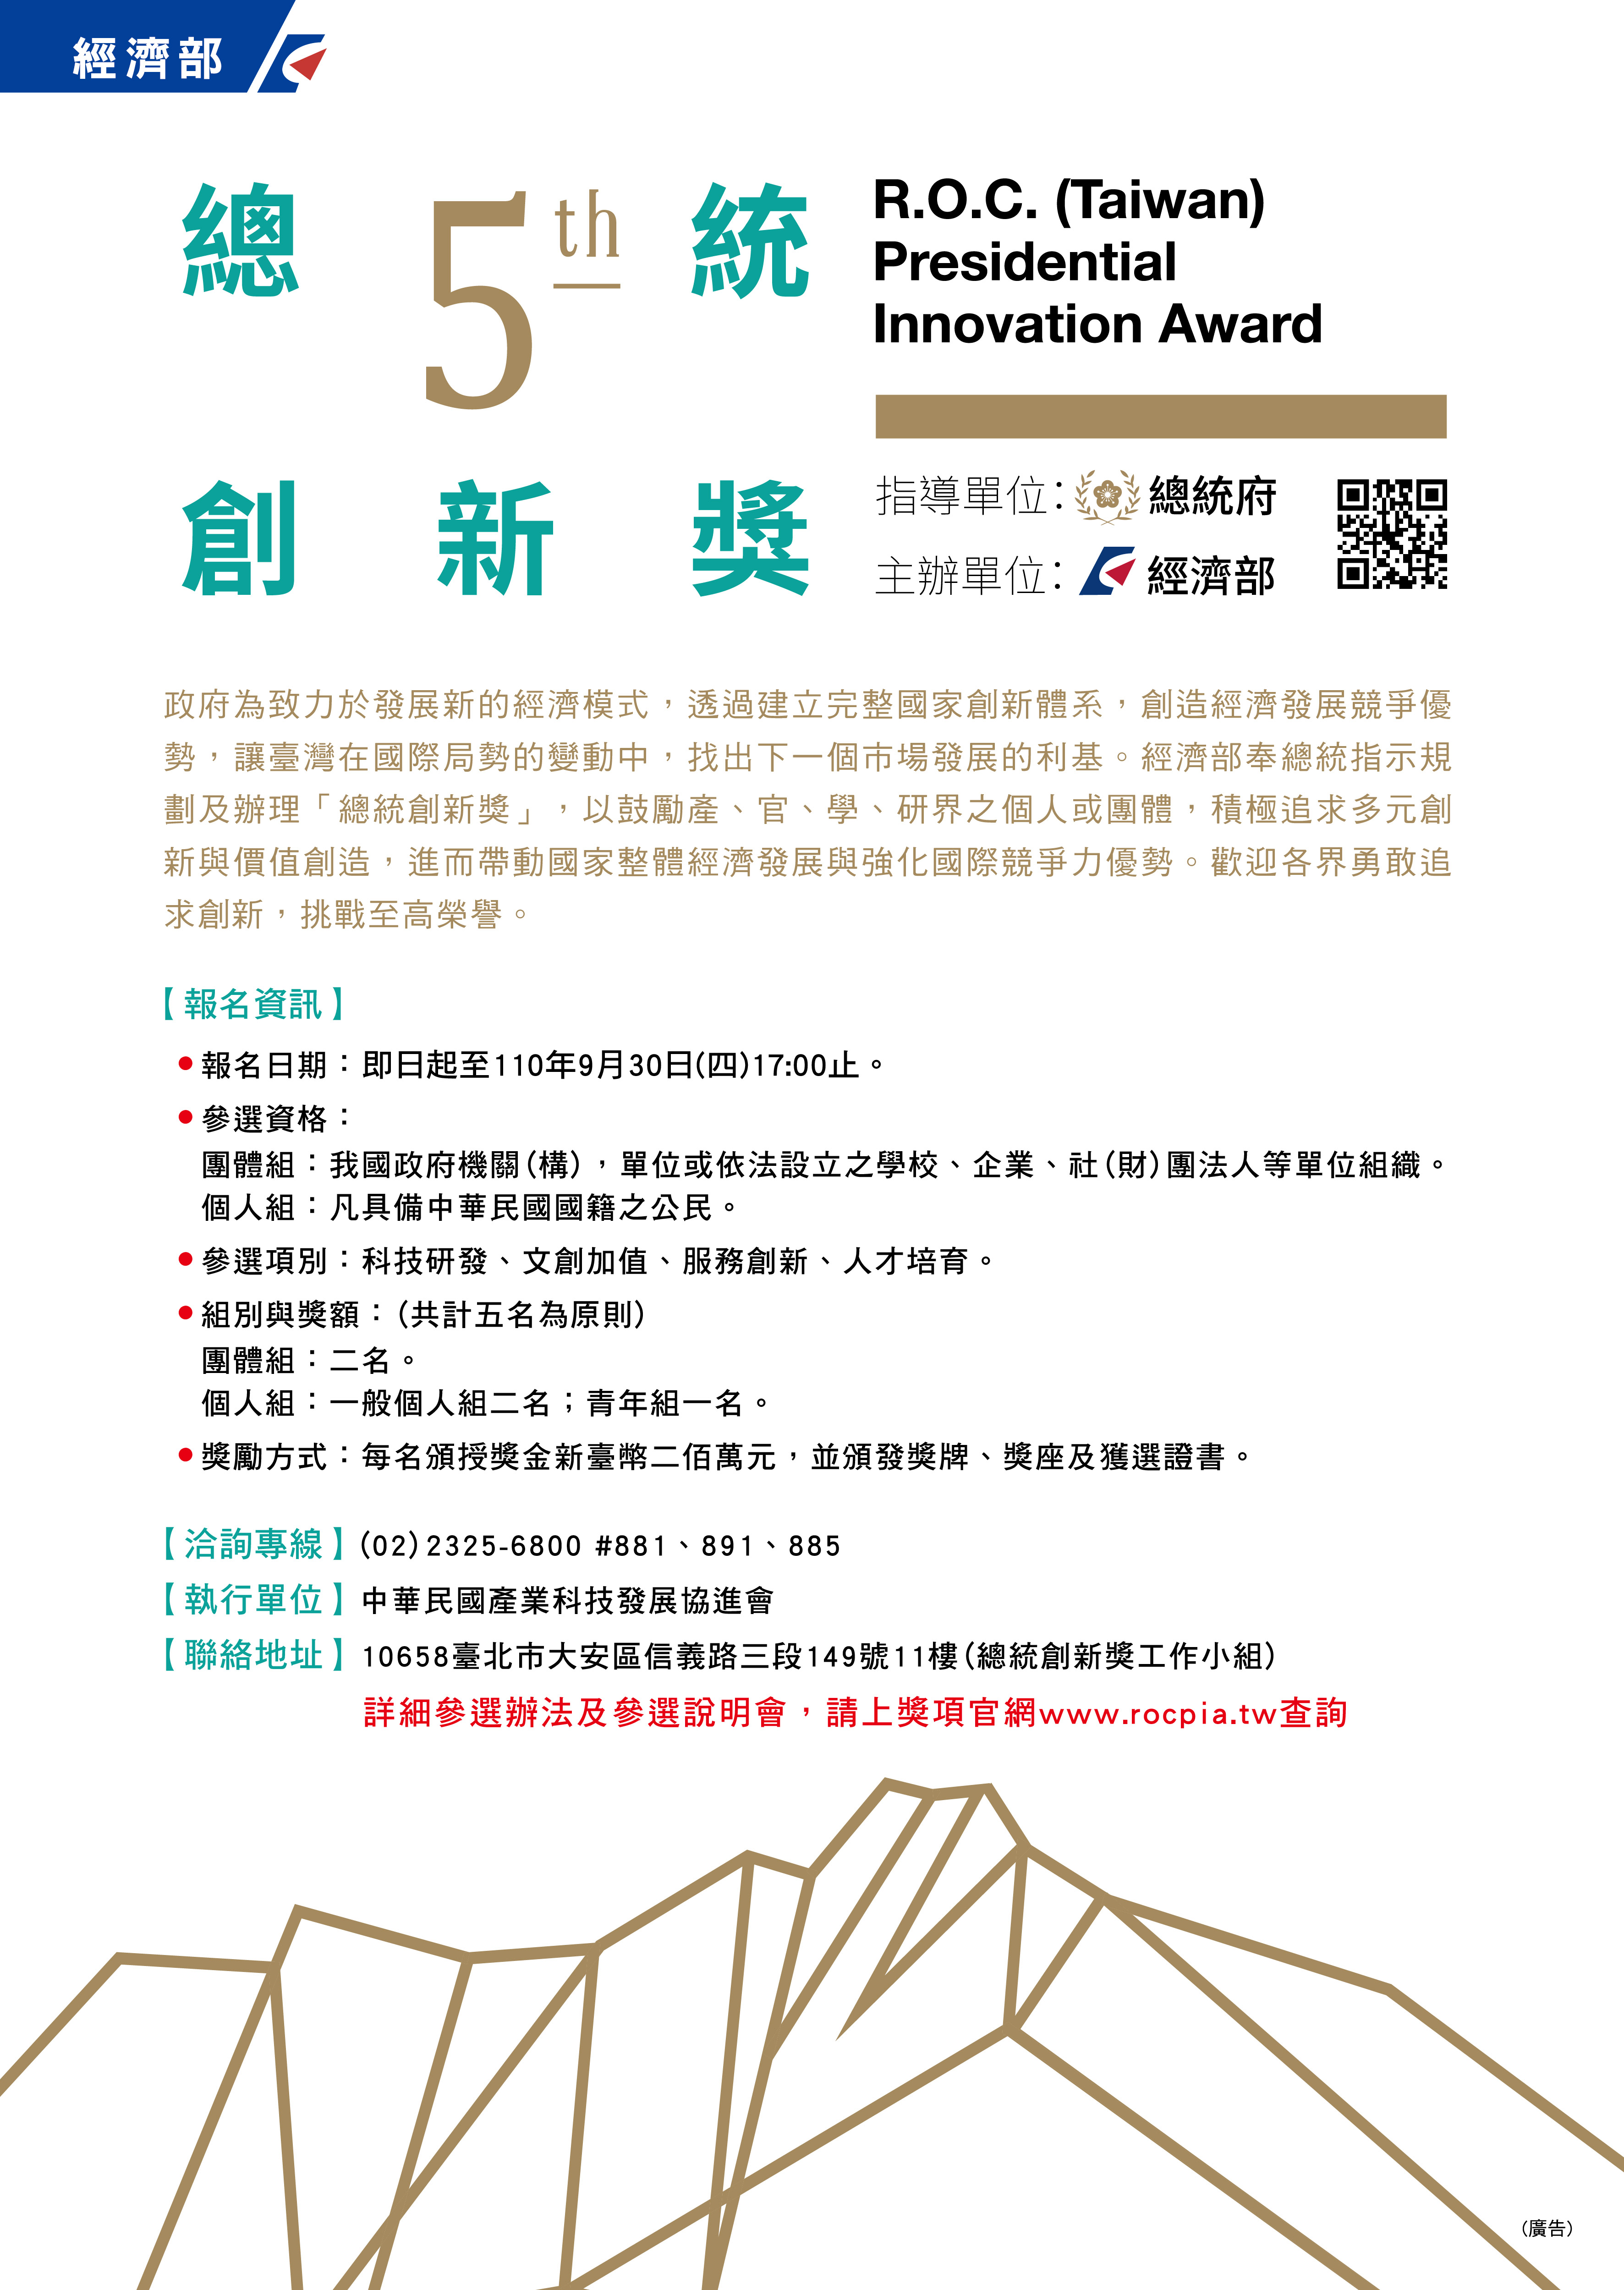 總統創新獎徵件海報